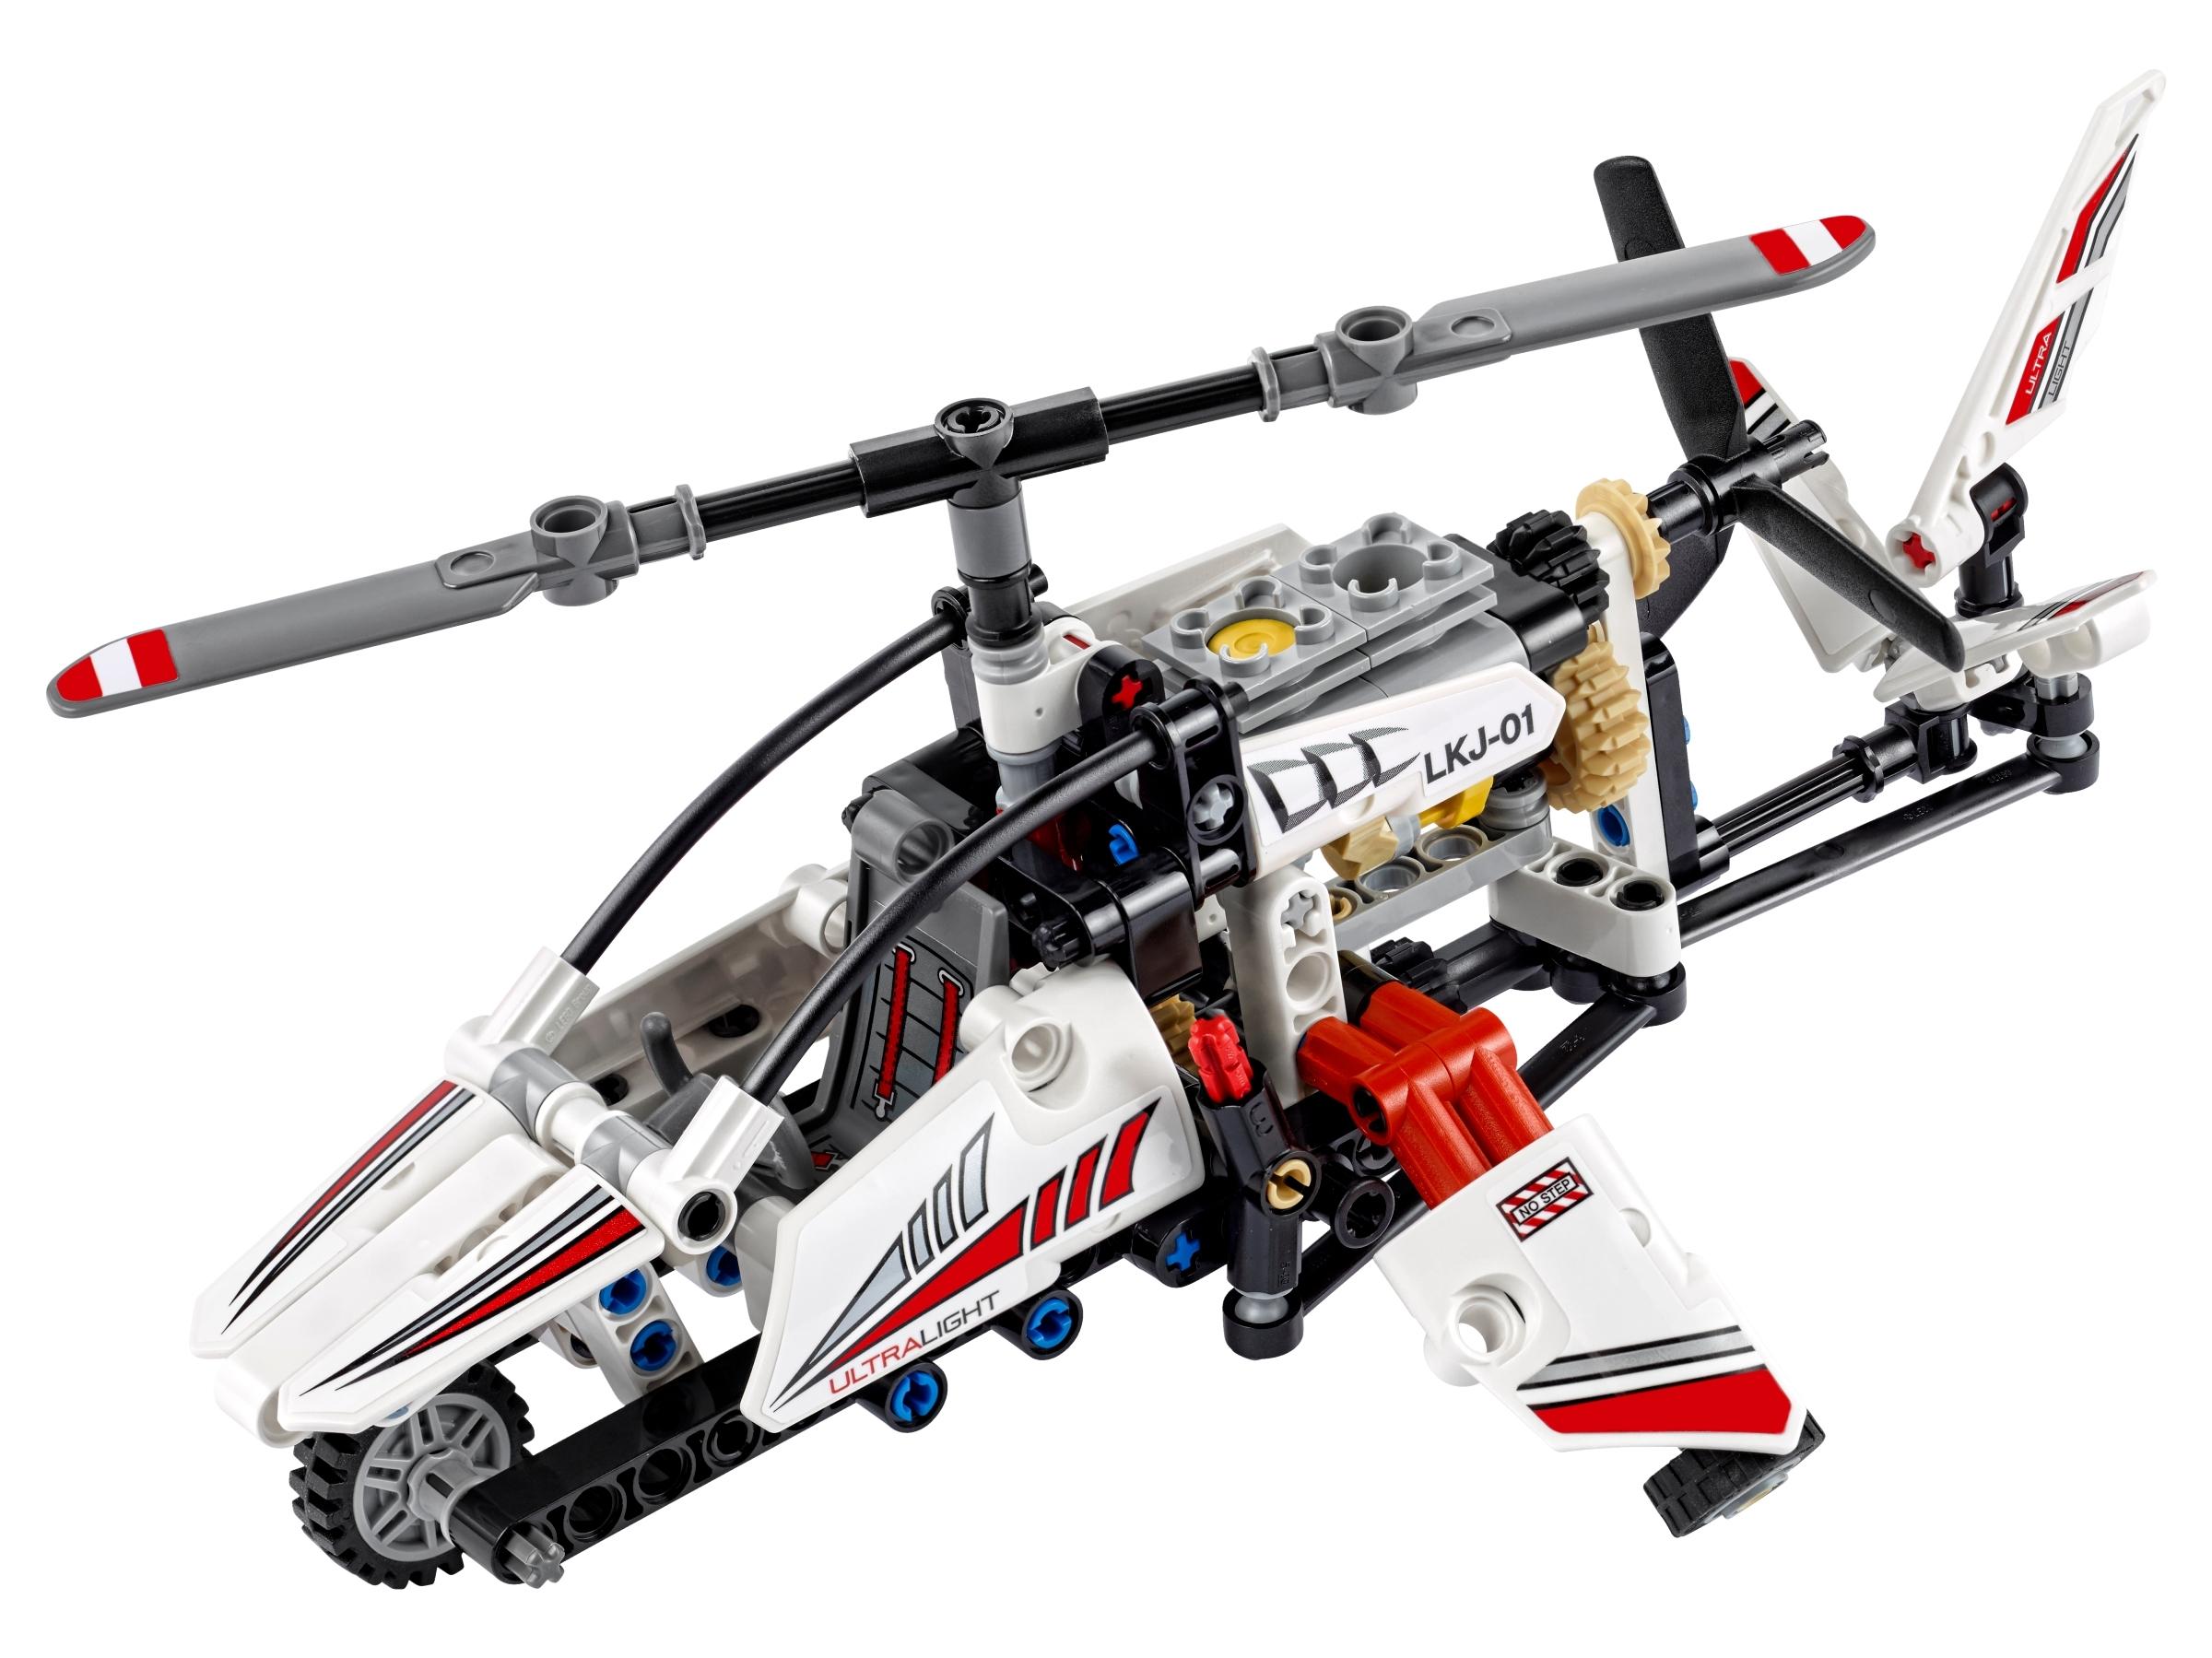 lego ultralight helikopter 42057